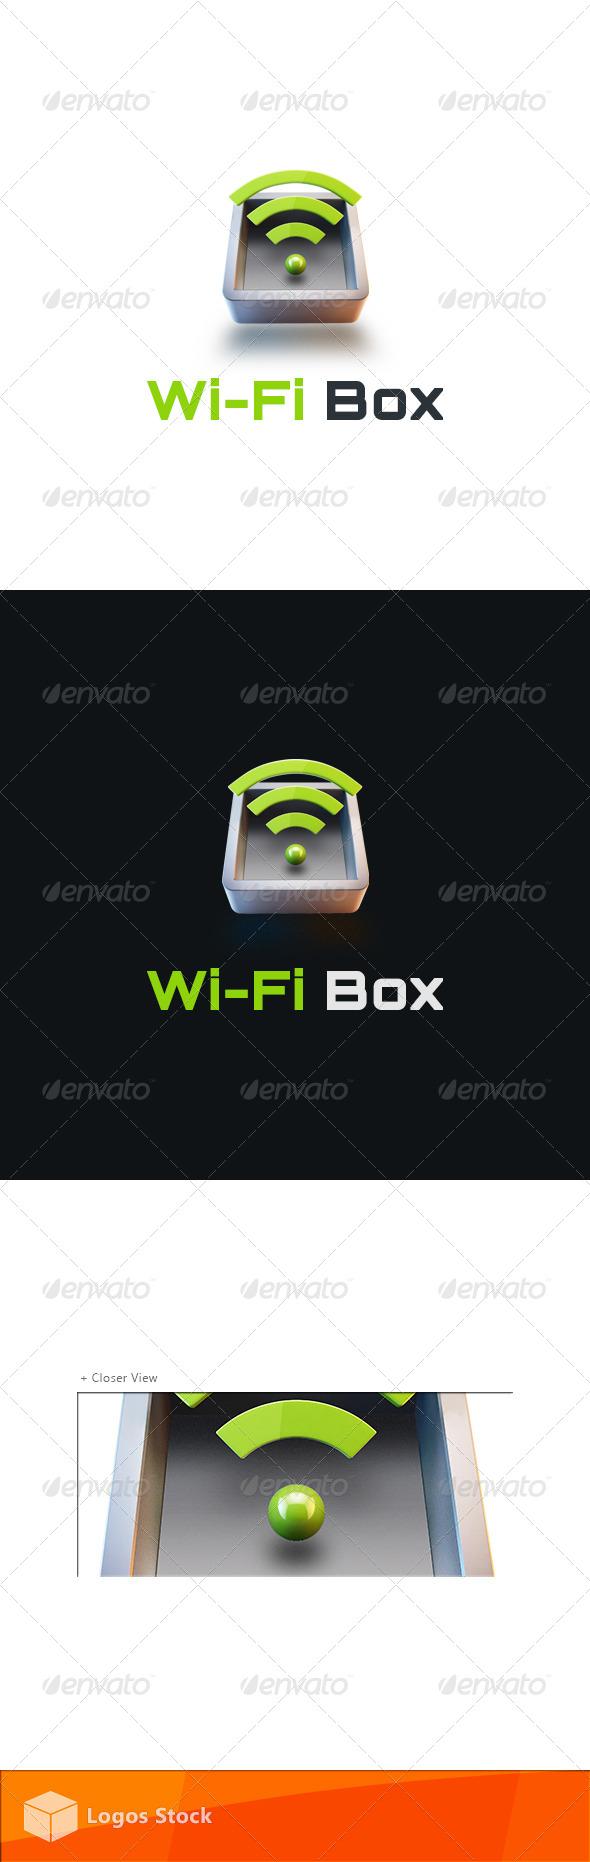 Technology Logo - WiFi Box